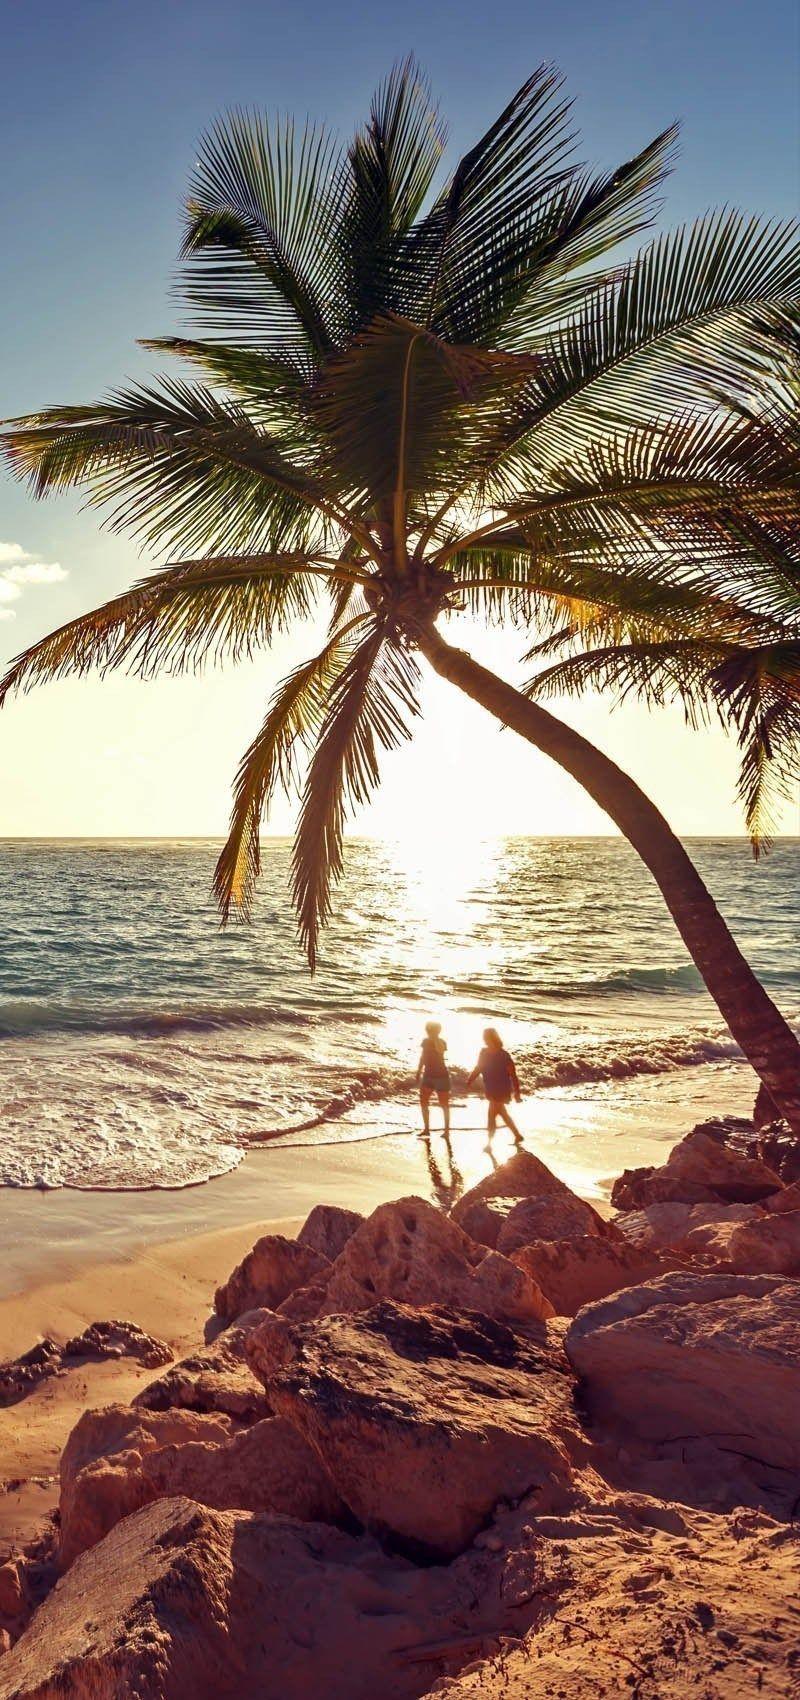 7 Reasons Why You Should Visit Punta Cana Must Visit Destinations Visit Punta Cana Punta Cana Pictures Punta Cana